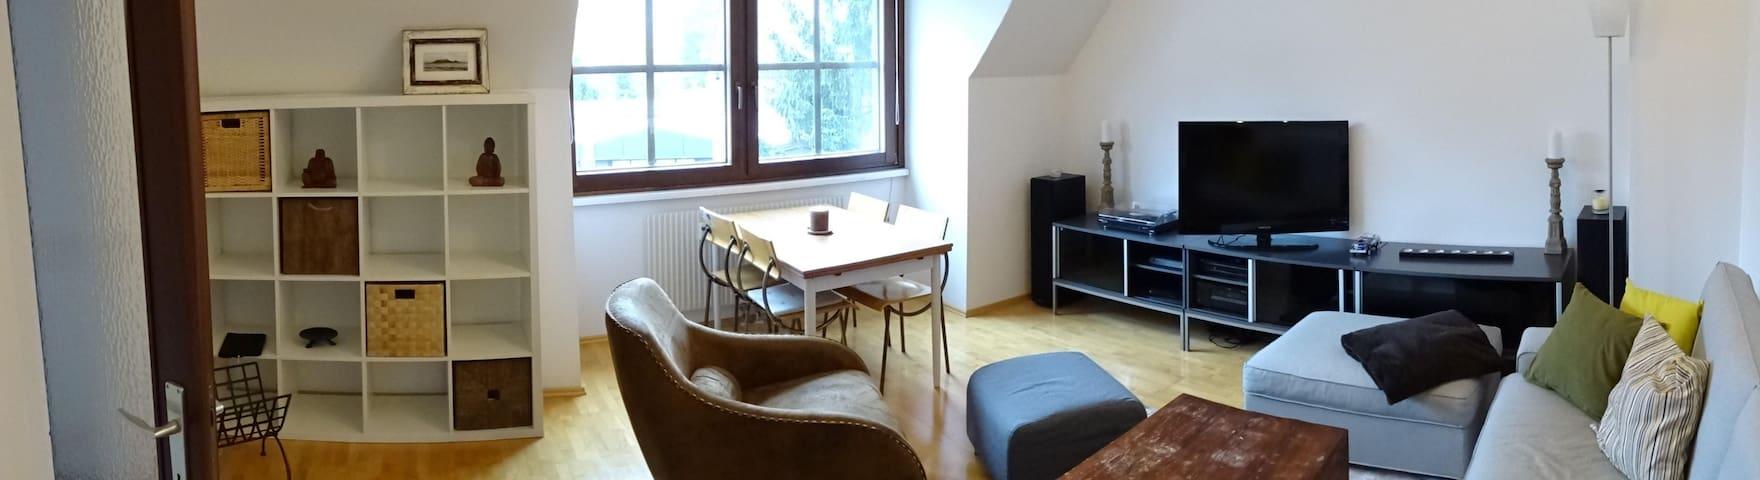 Sunny Apartment in OberSt.Veit - Vienna - Apartamento